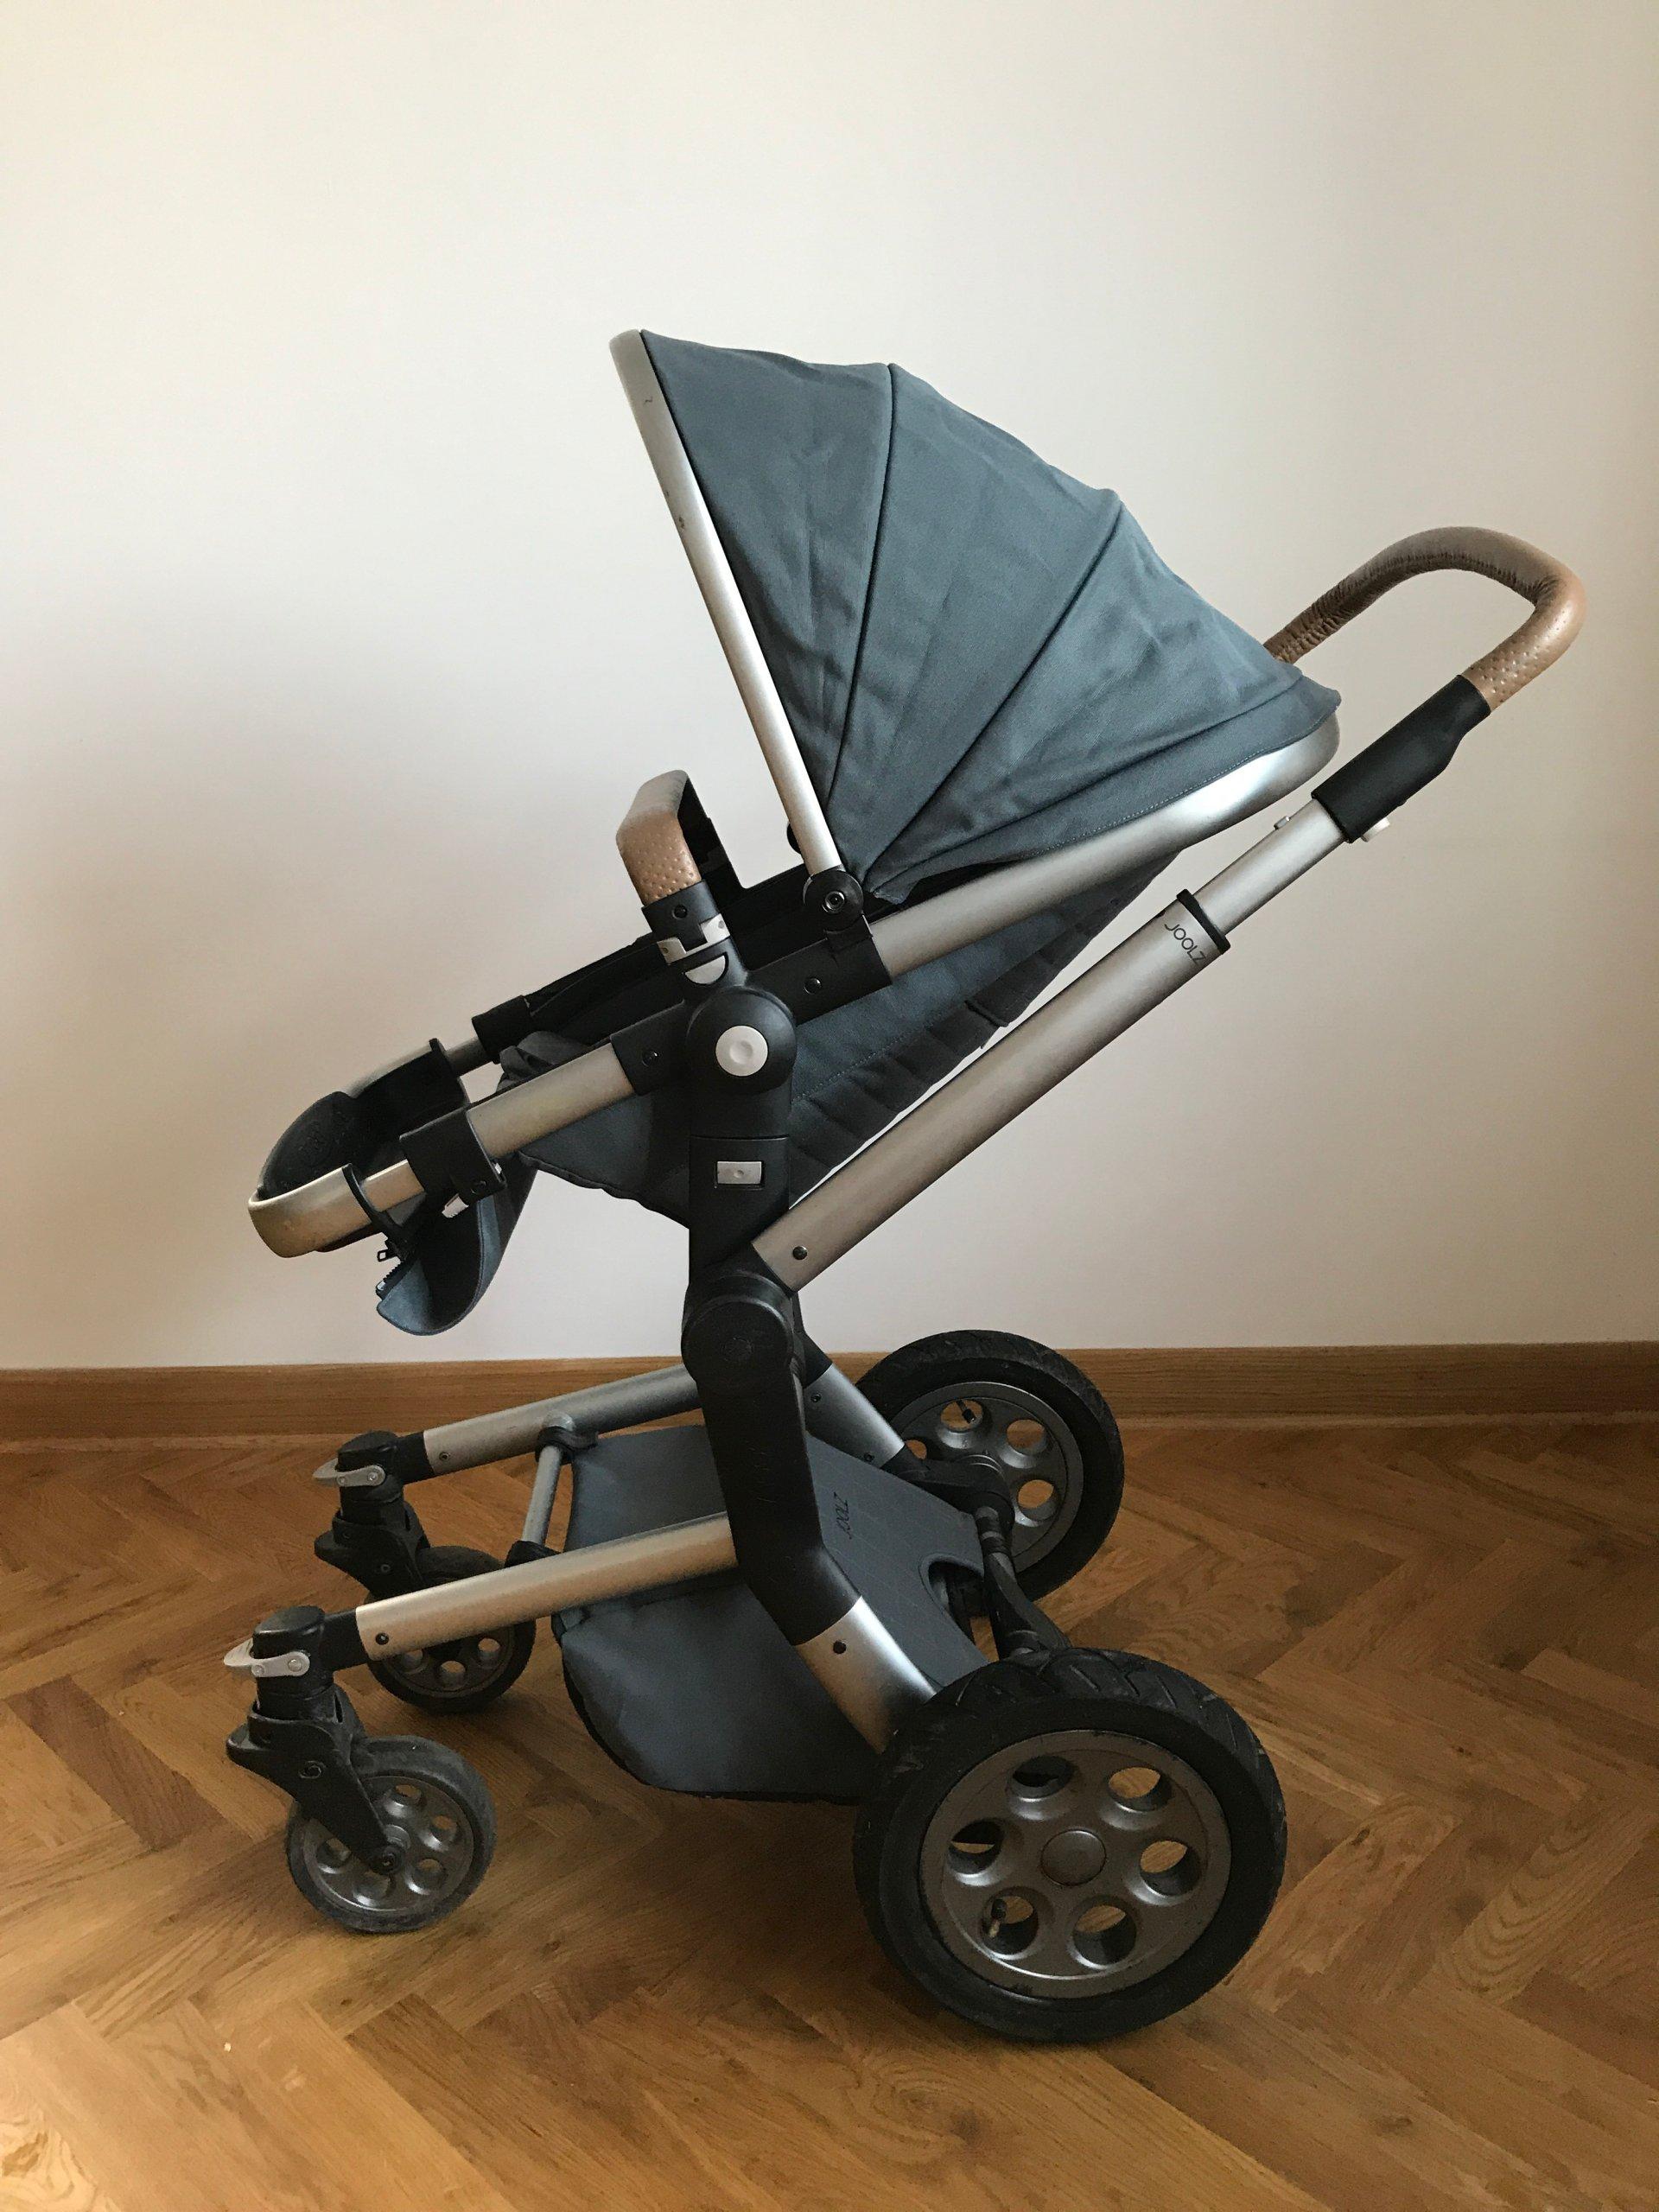 Zaawansowane Wózek Joolz Day Quadro Blue - BDB stan - 7145244017 - oficjalne FZ46